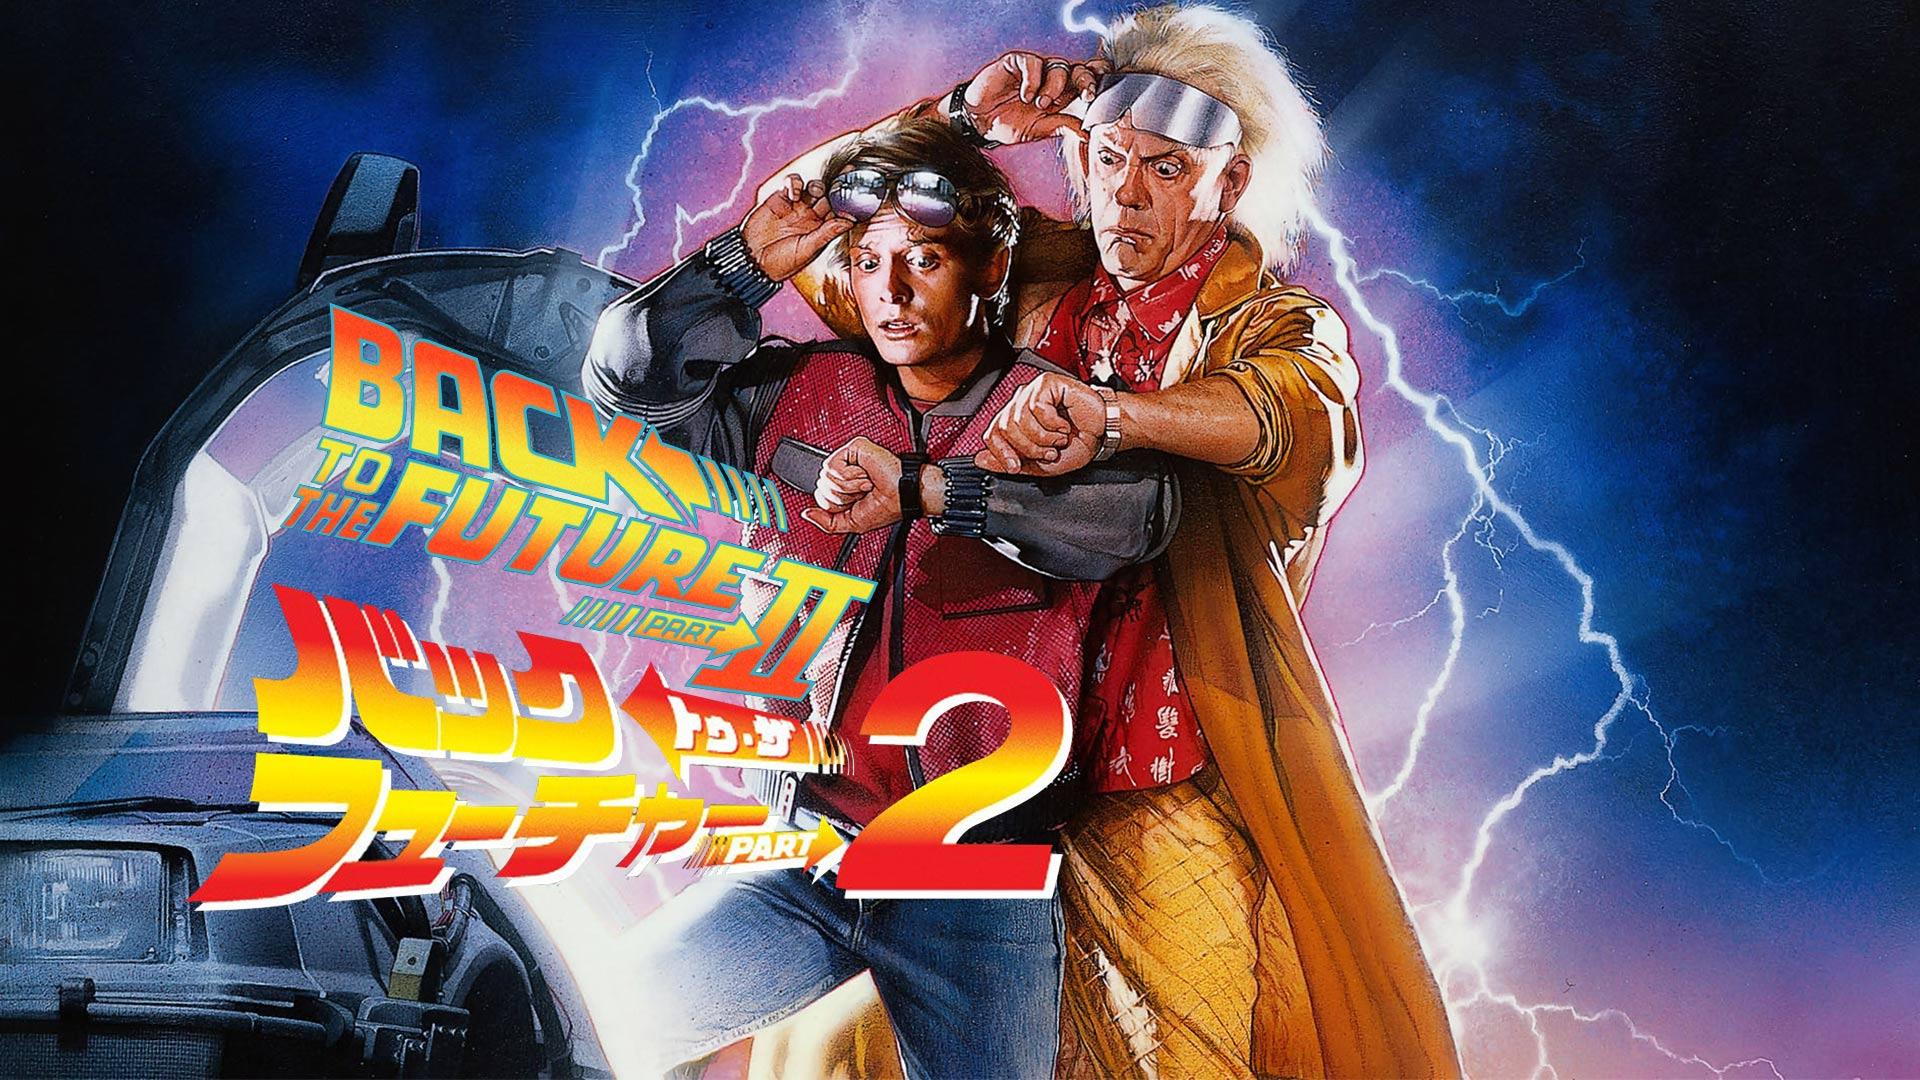 バック・トゥ・ザ・フューチャーPART2 (字幕版)